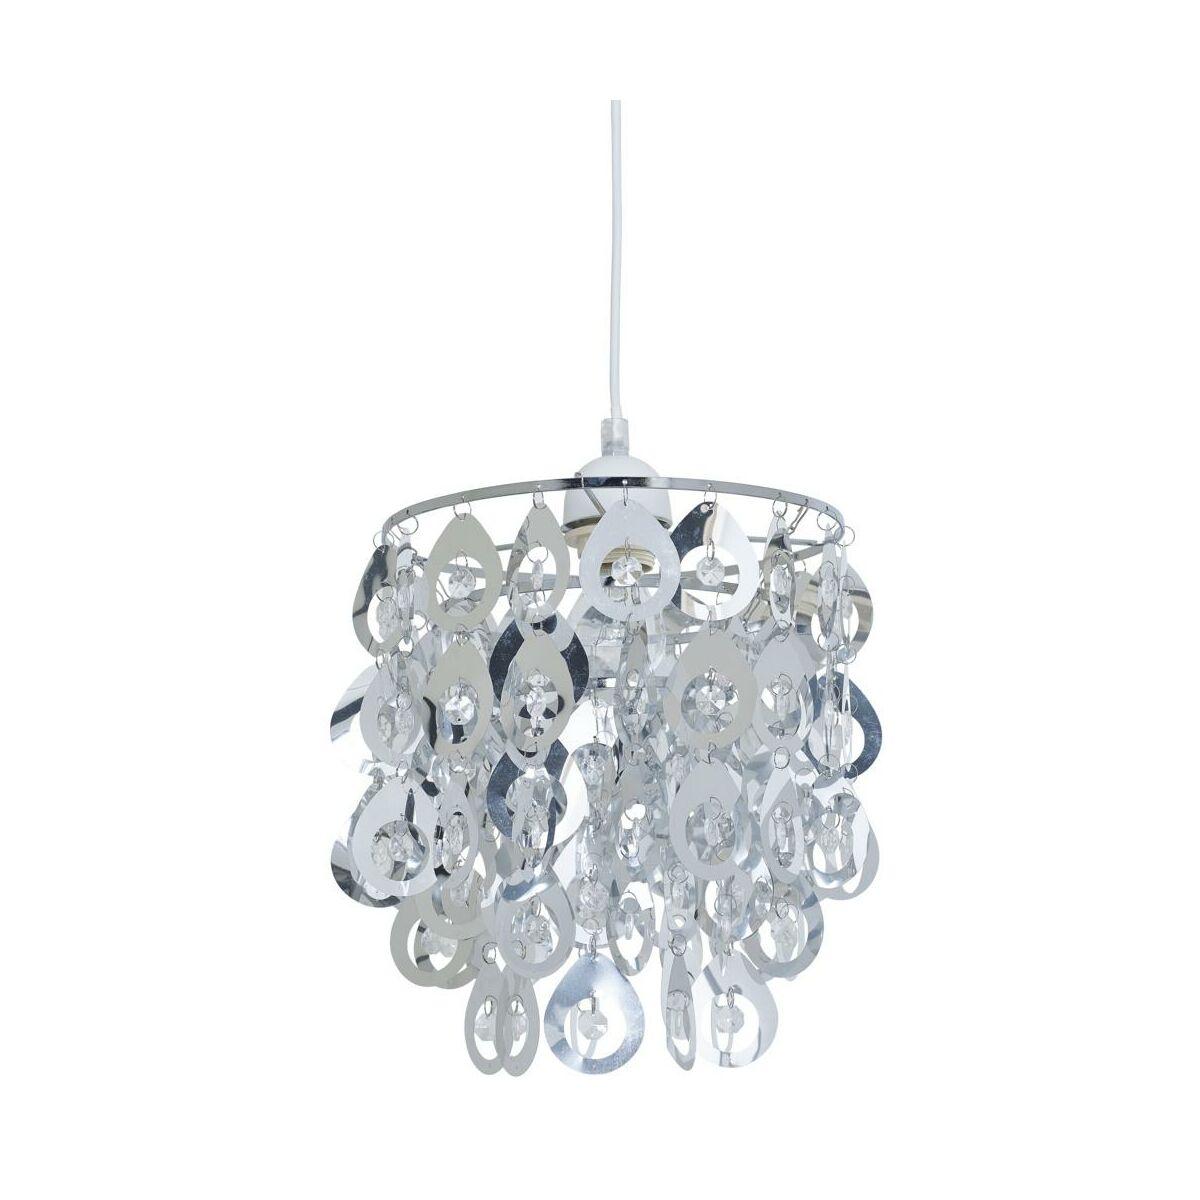 Lampa Wiszaca Lamia Chrom E27 Inspire Zyrandole Lampy Wiszace I Sufitowe W Atrakcyjnej Cenie W Sklepach Leroy Merlin